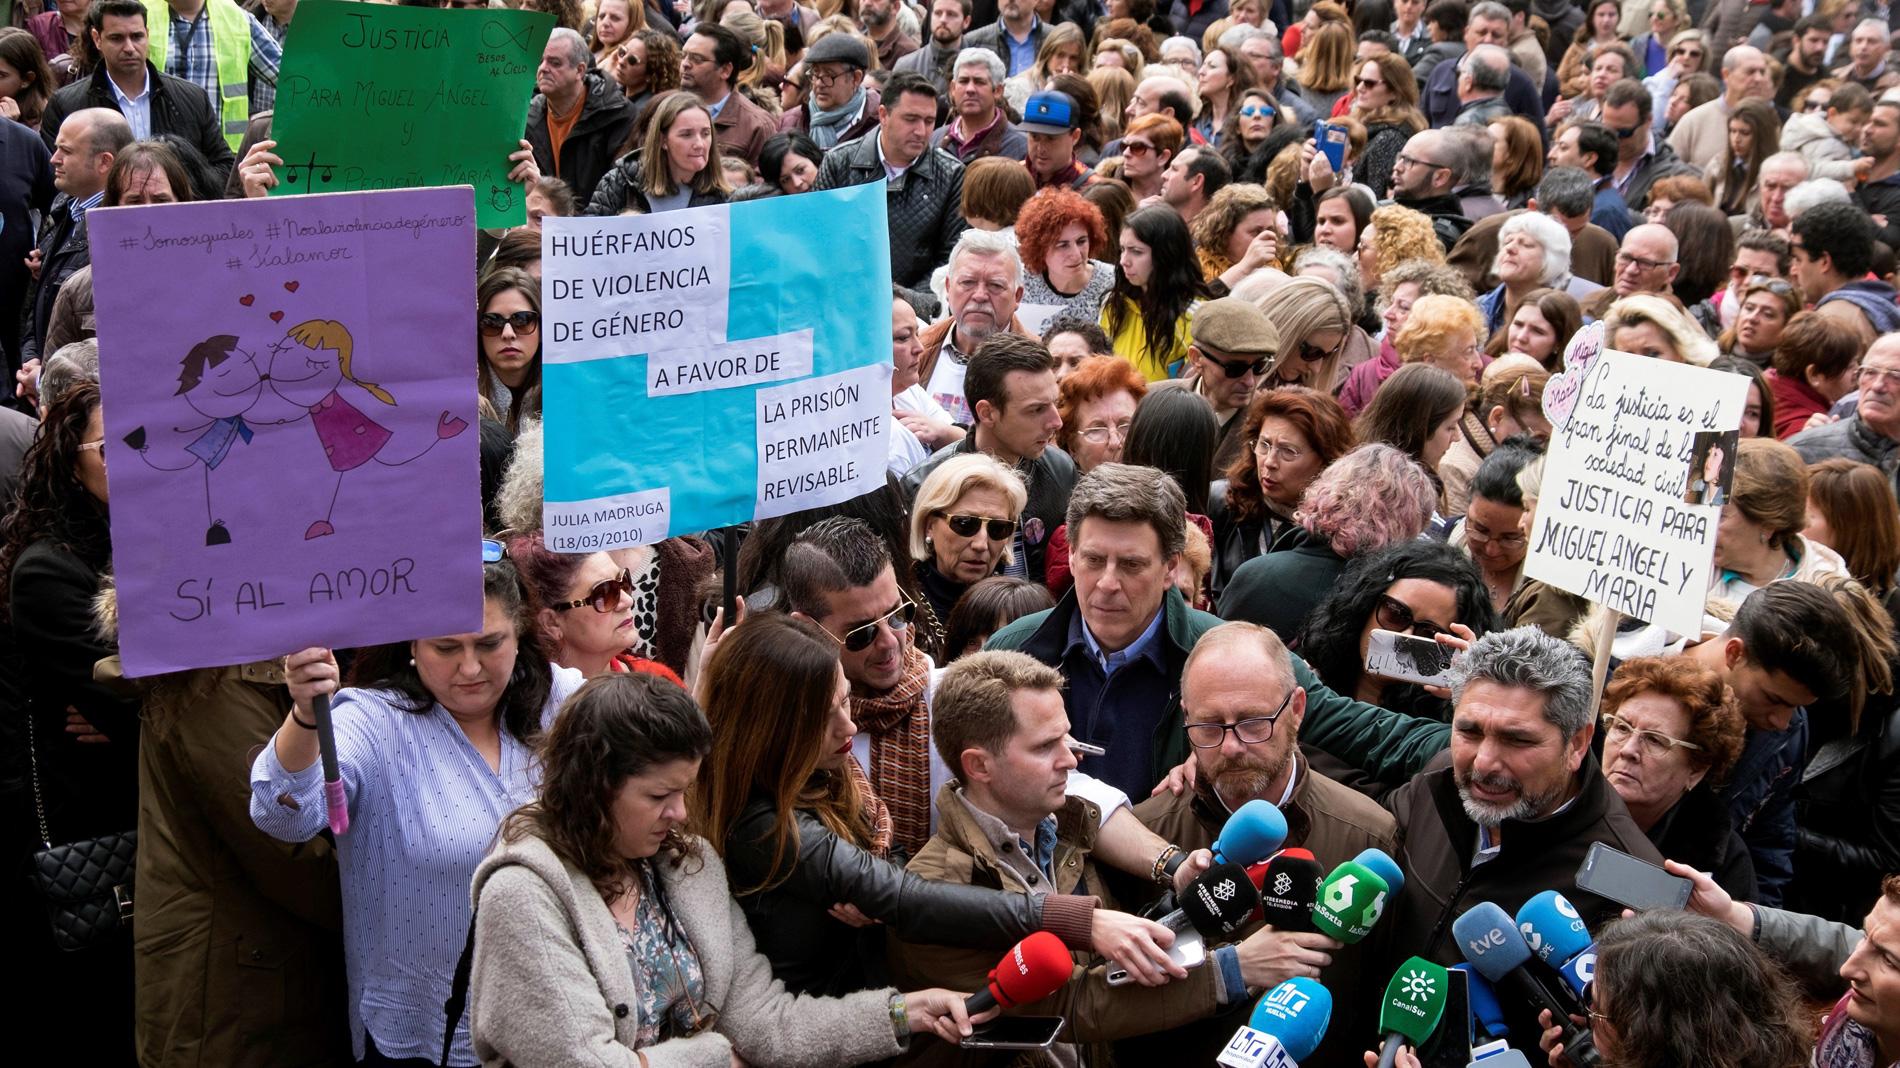 Concentraciones en más de 20 ciudades de España a favor de la prisión permanente revisable